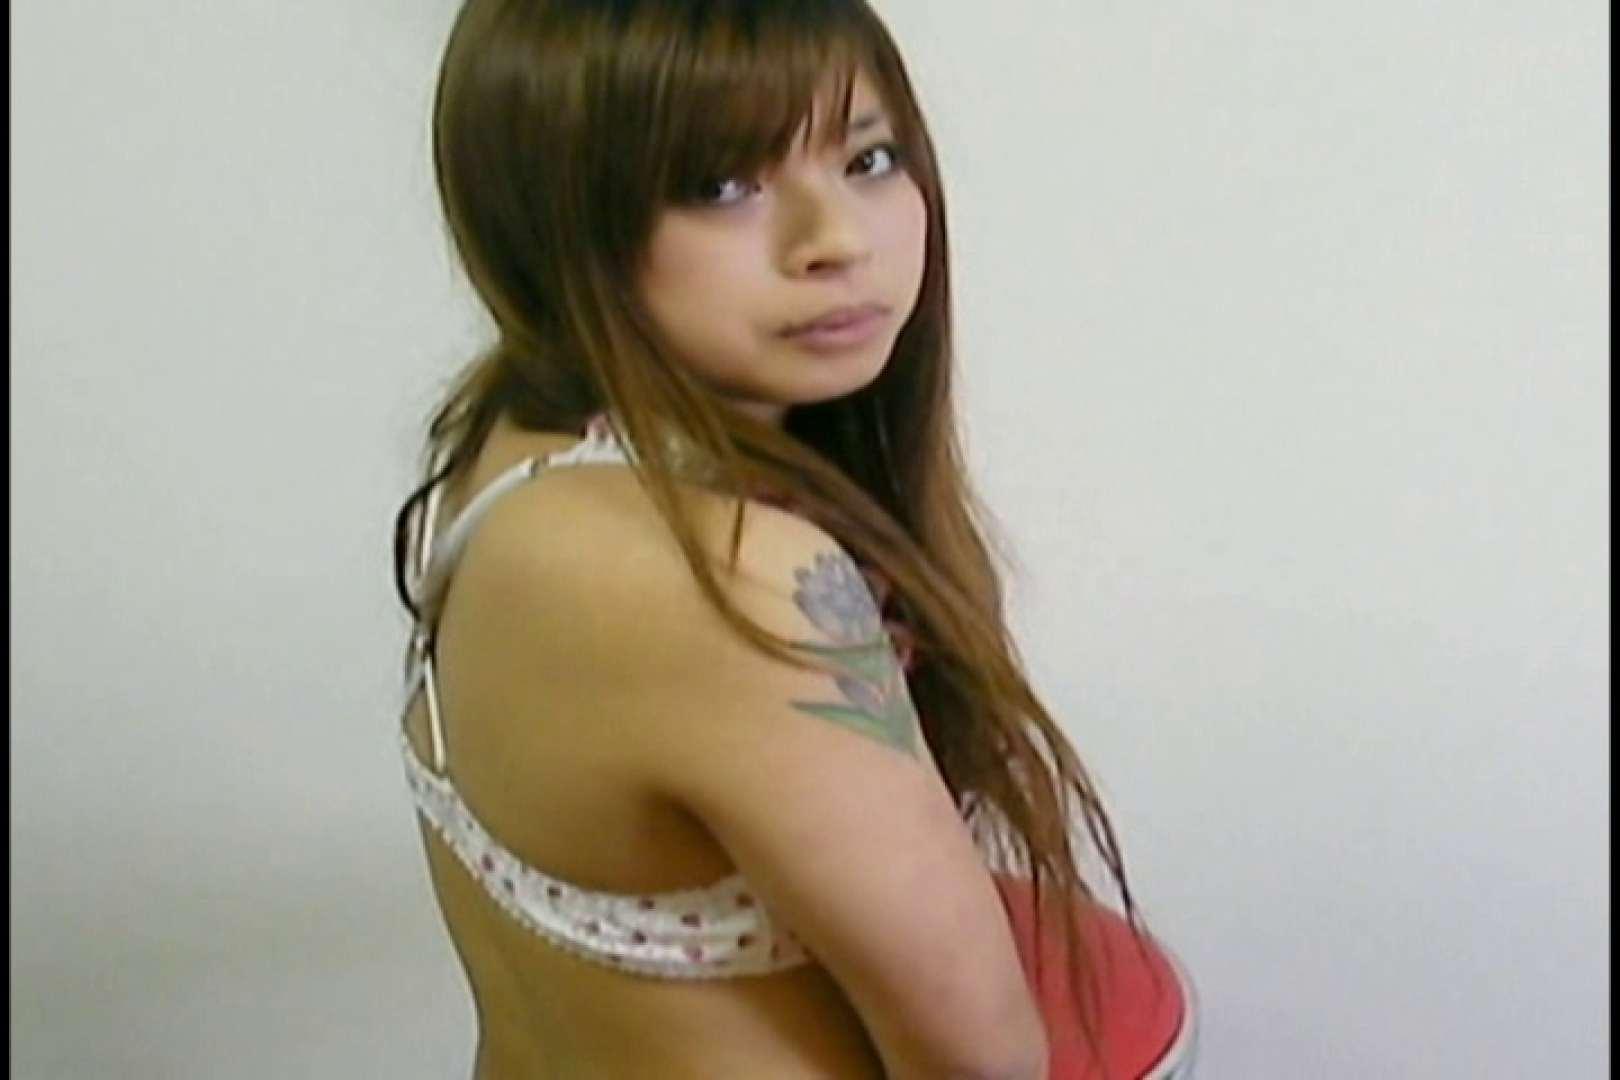 素人撮影 下着だけの撮影のはずが・・・ よしこ23歳 素人 盗撮動画紹介 31連発 12